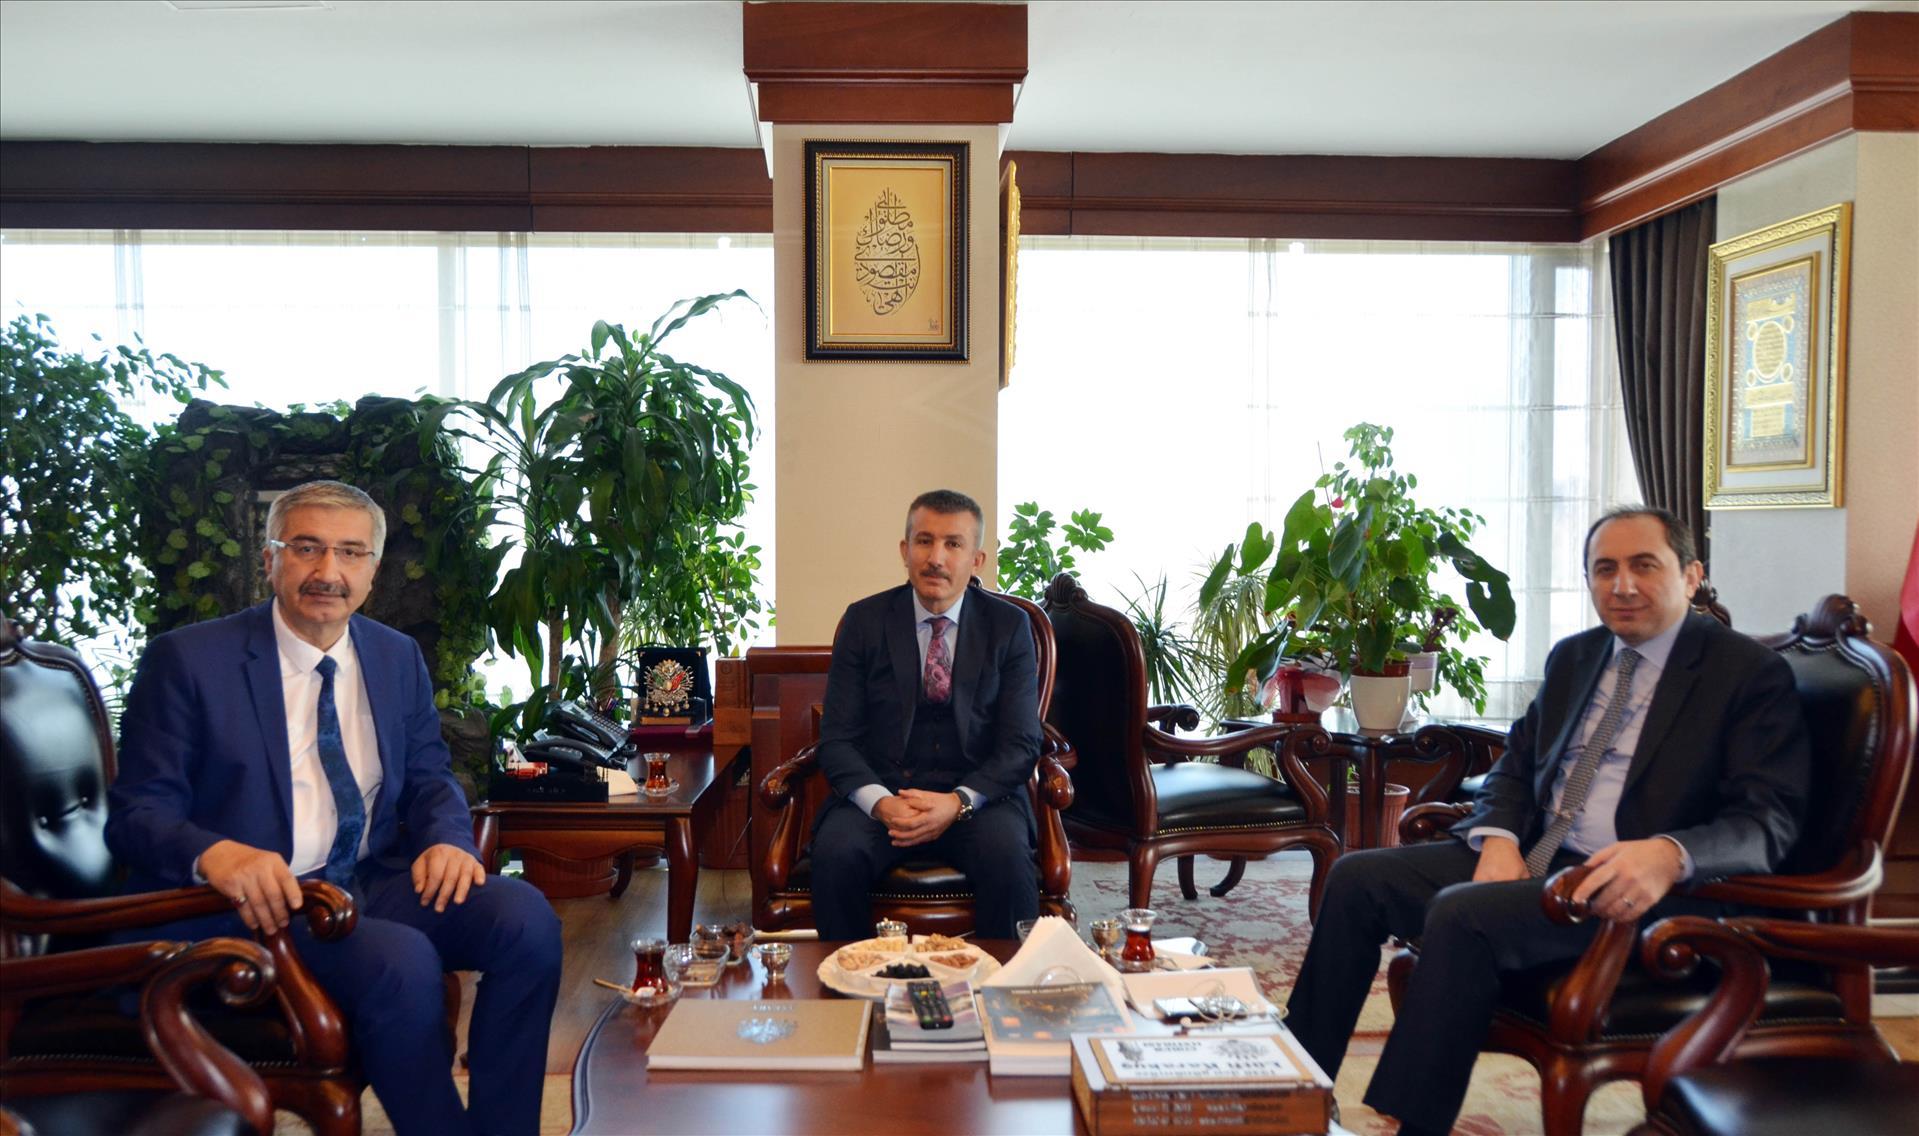 Çorum Valisi ve Rektörümüzden Ankara Büyükşehir Belediyesi Genel Sekreterine Ziyaret